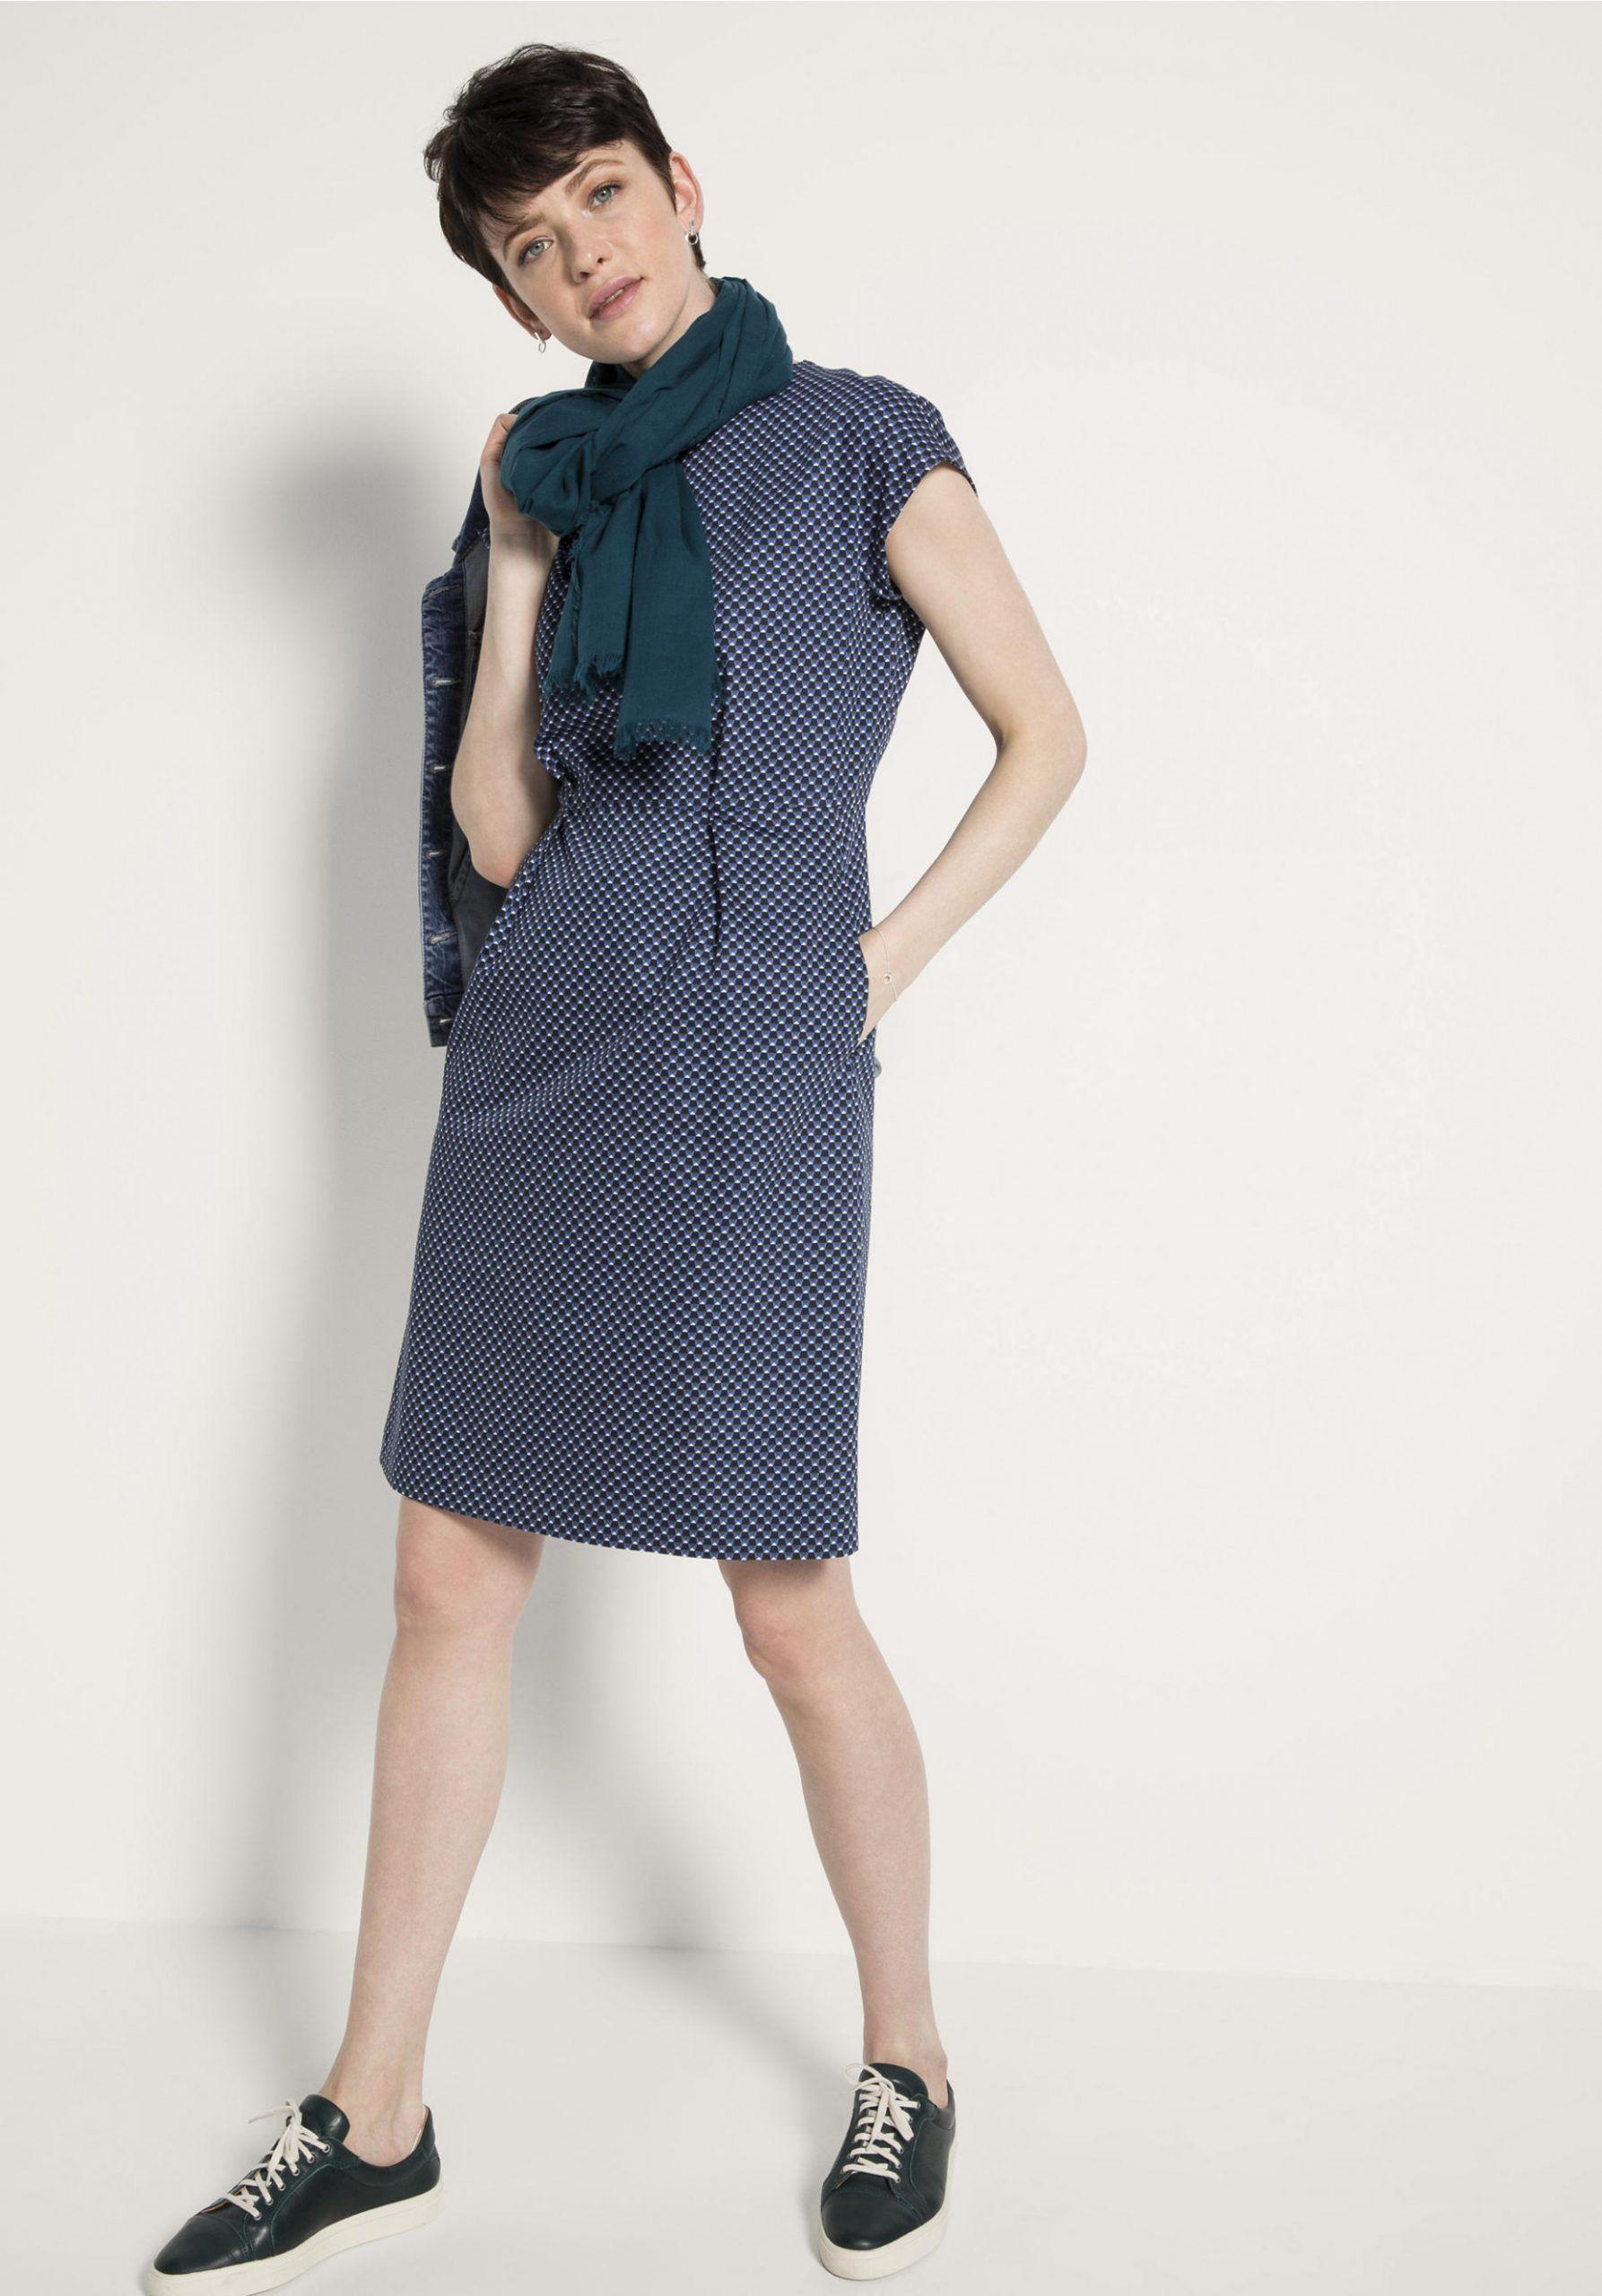 11 kleid kniebedeckt | kleid arbeit, kleider, modestil